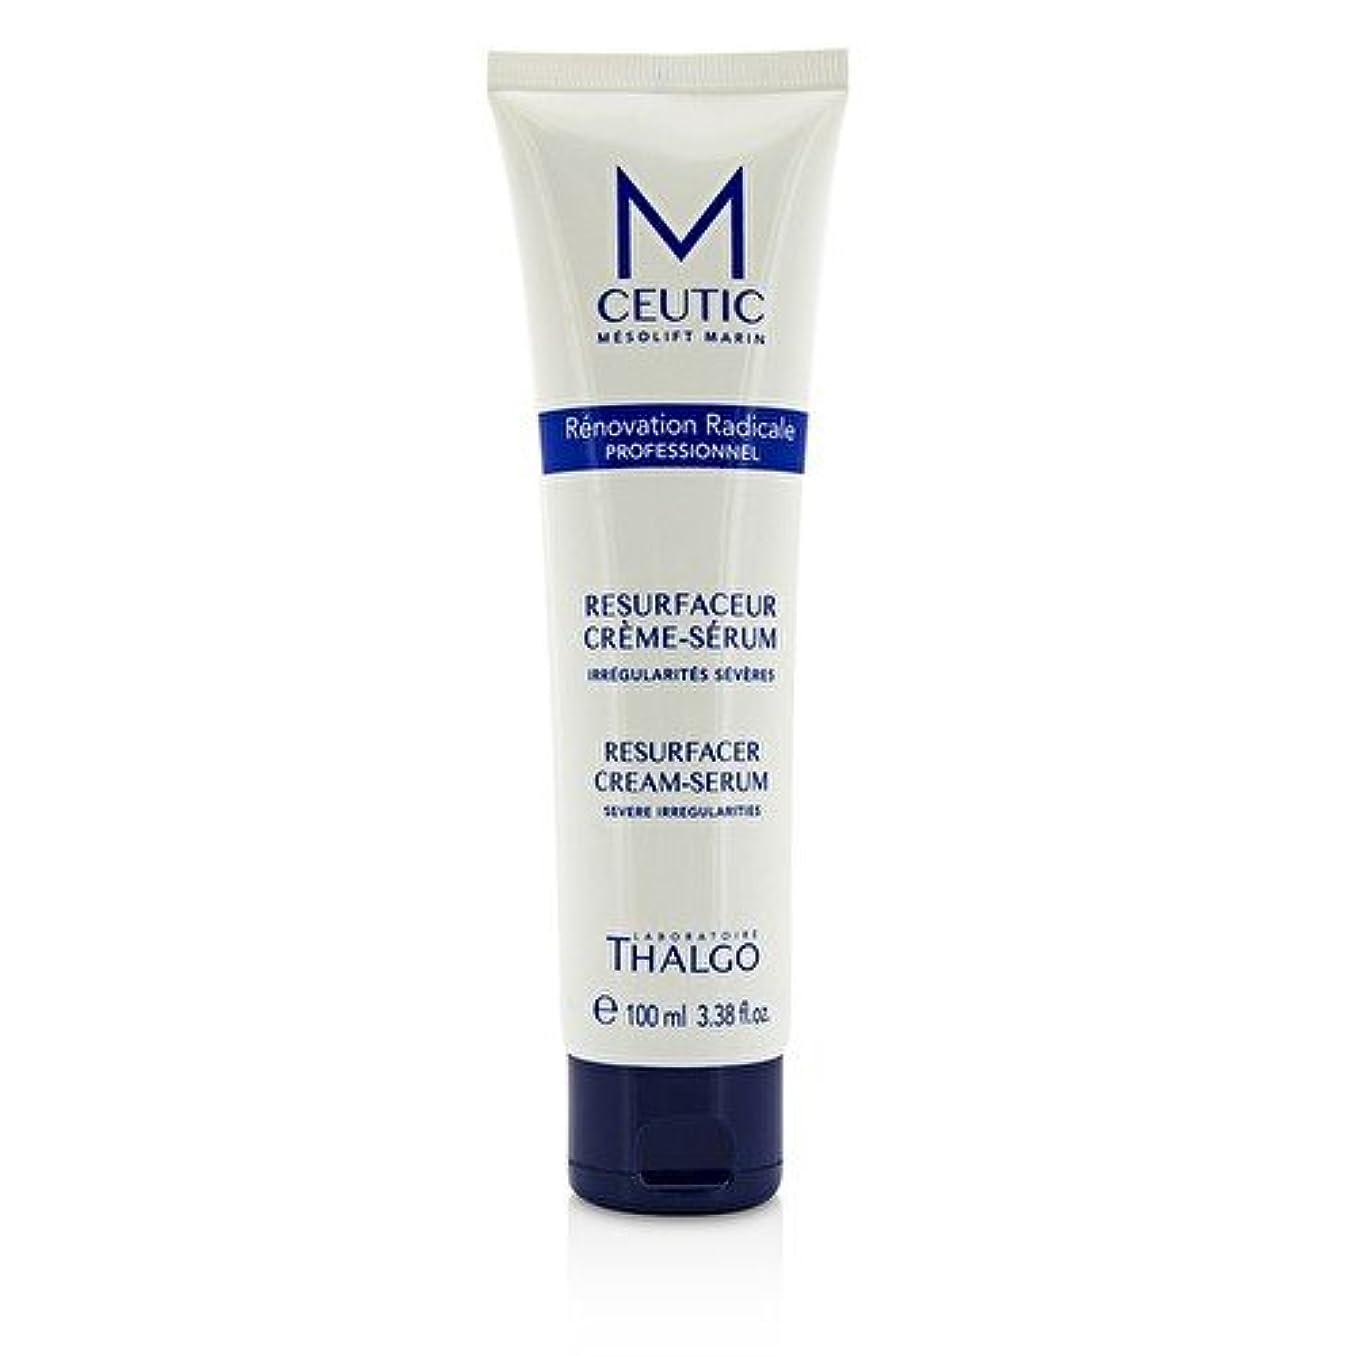 高い農奴スコアタルゴ MCEUTIC Resurfacer Cream-Serum - Salon Size 100ml/3.38oz並行輸入品